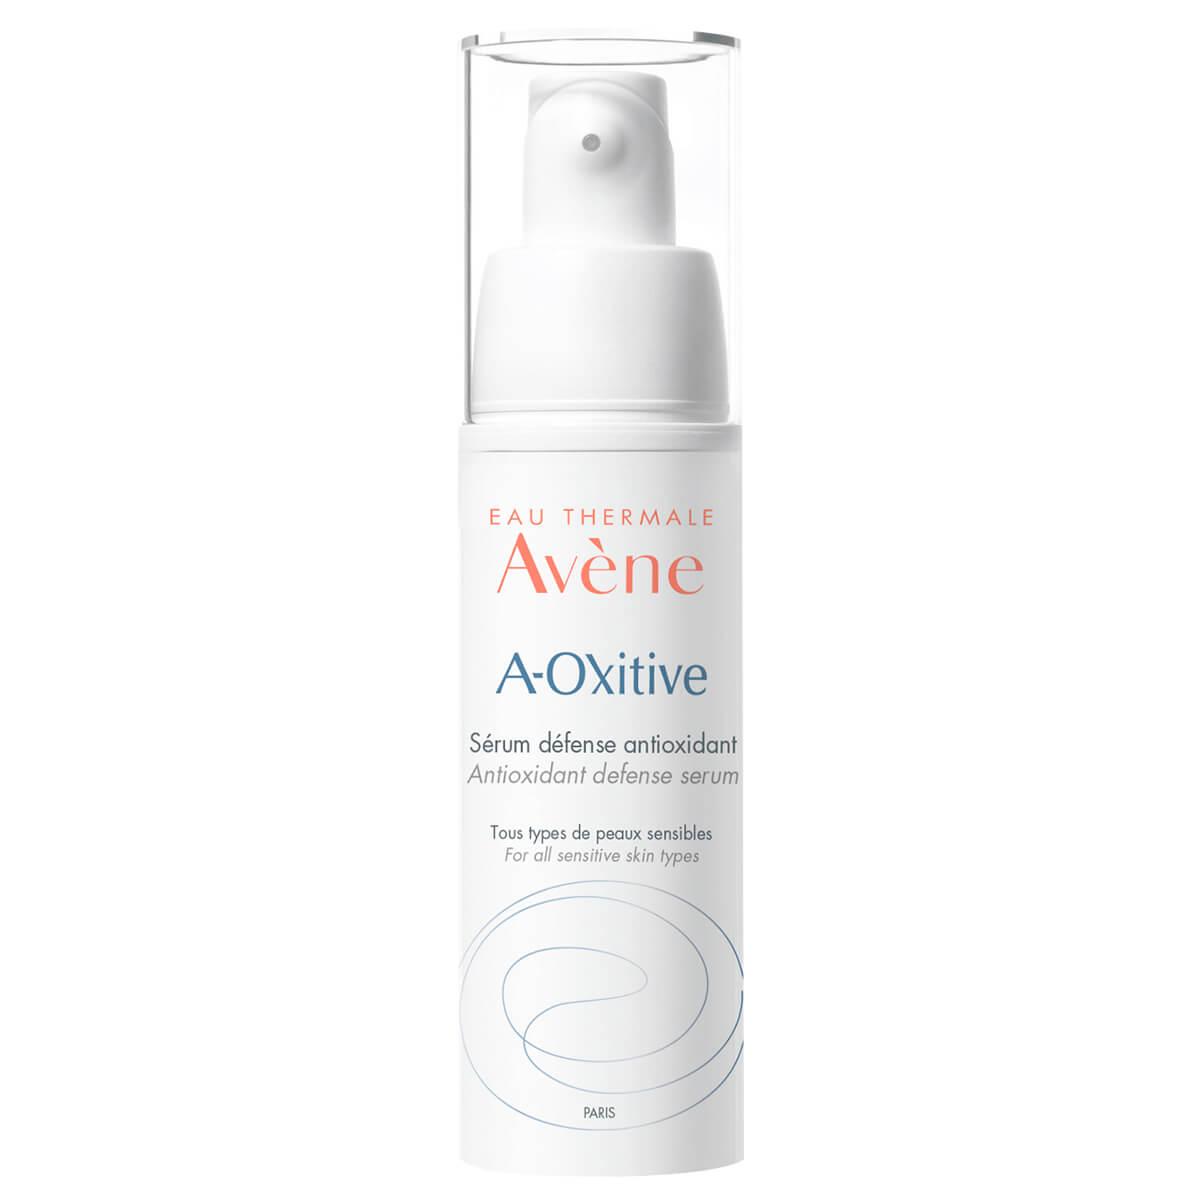 Sérum Facial Protetor Antioxidante Avène A-Oxitive com 30ml 30ml